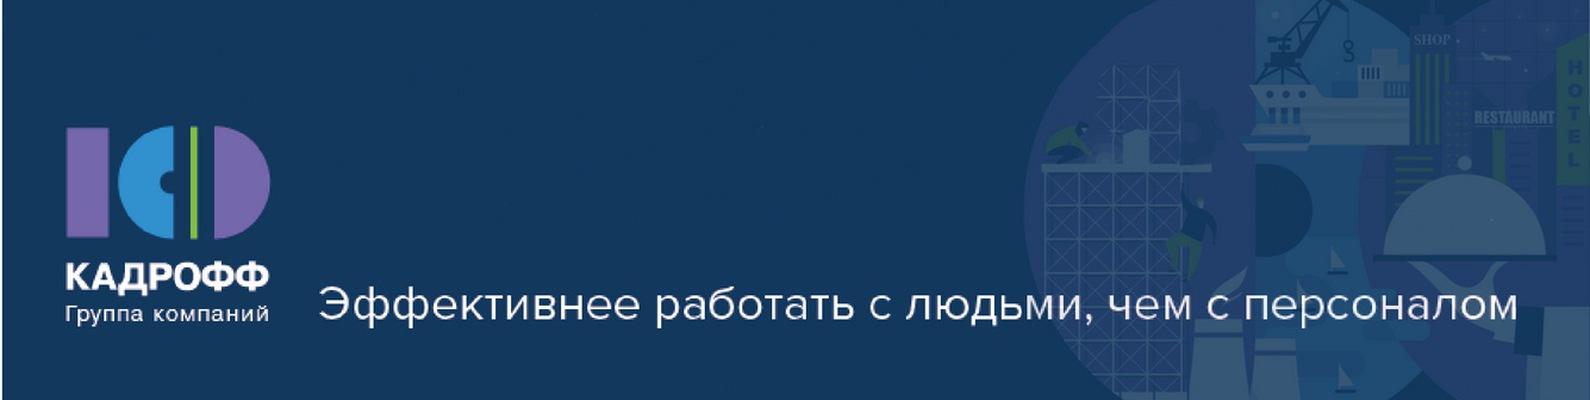 работа кадрофф групп санкт-петербург